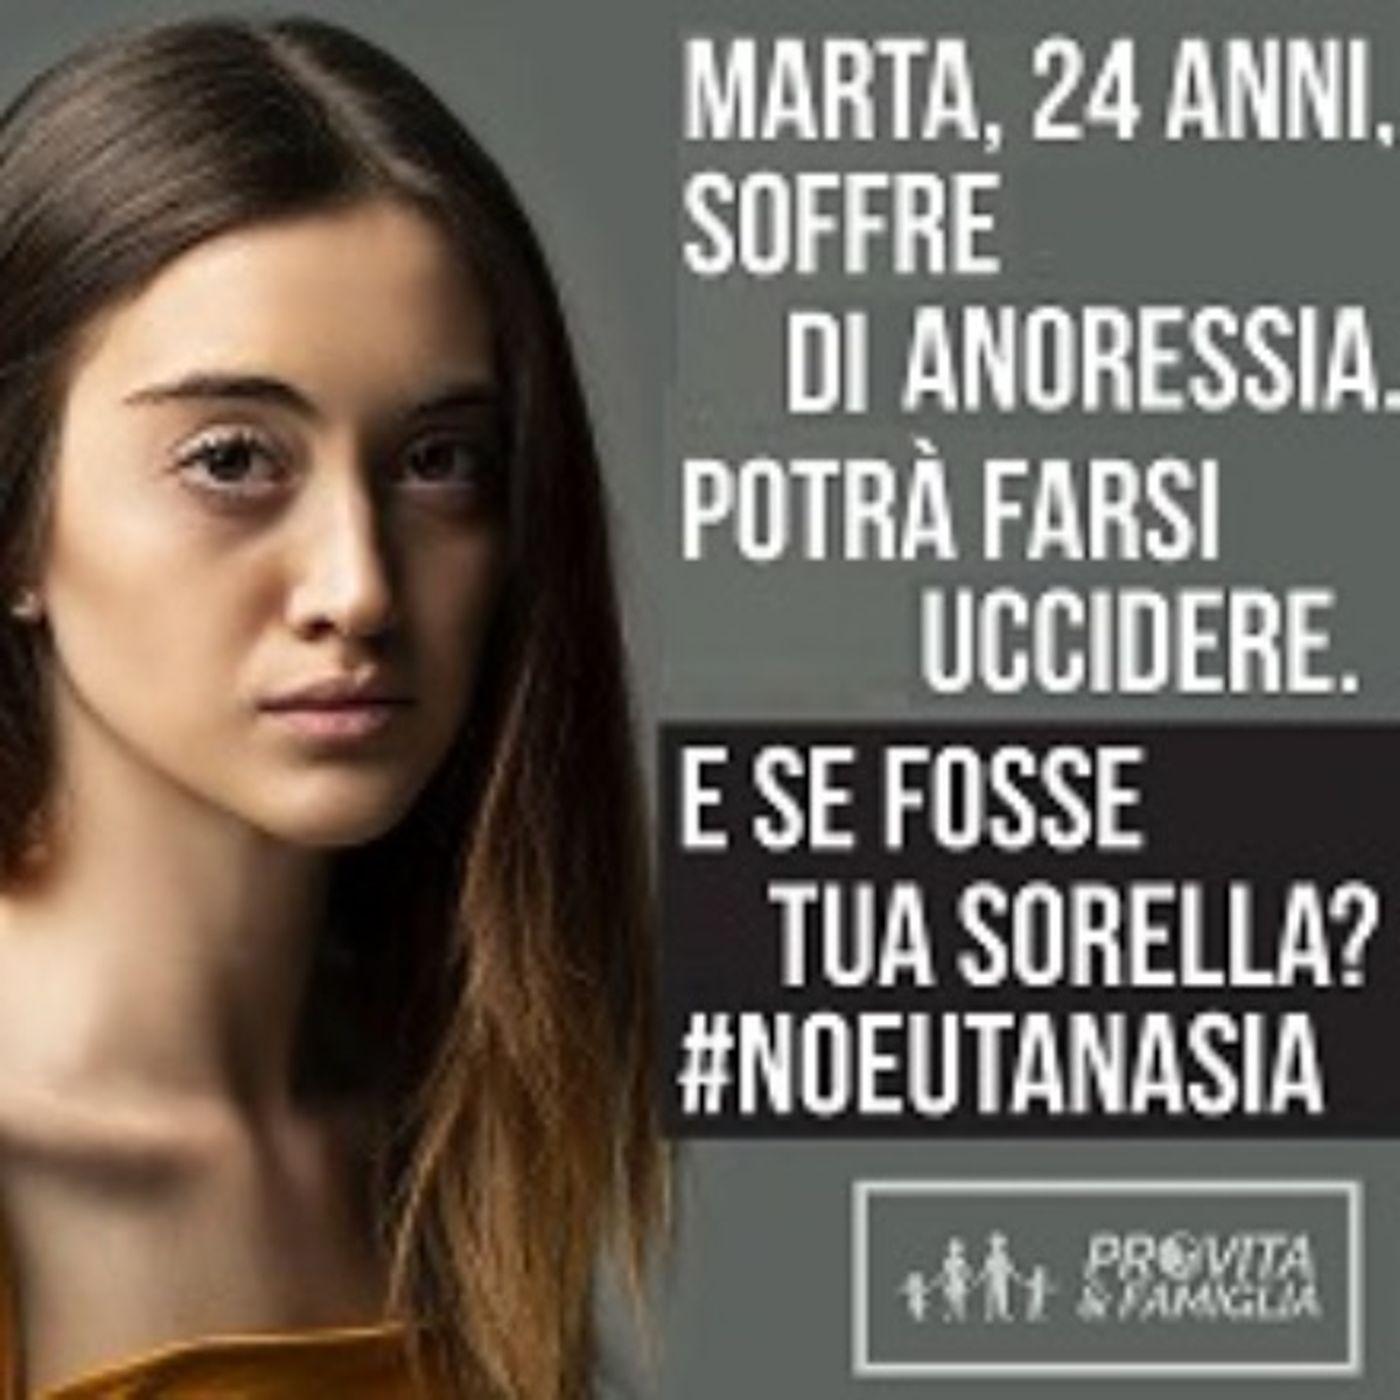 Ragazza sana chiede a 23 anni l'eutanasia